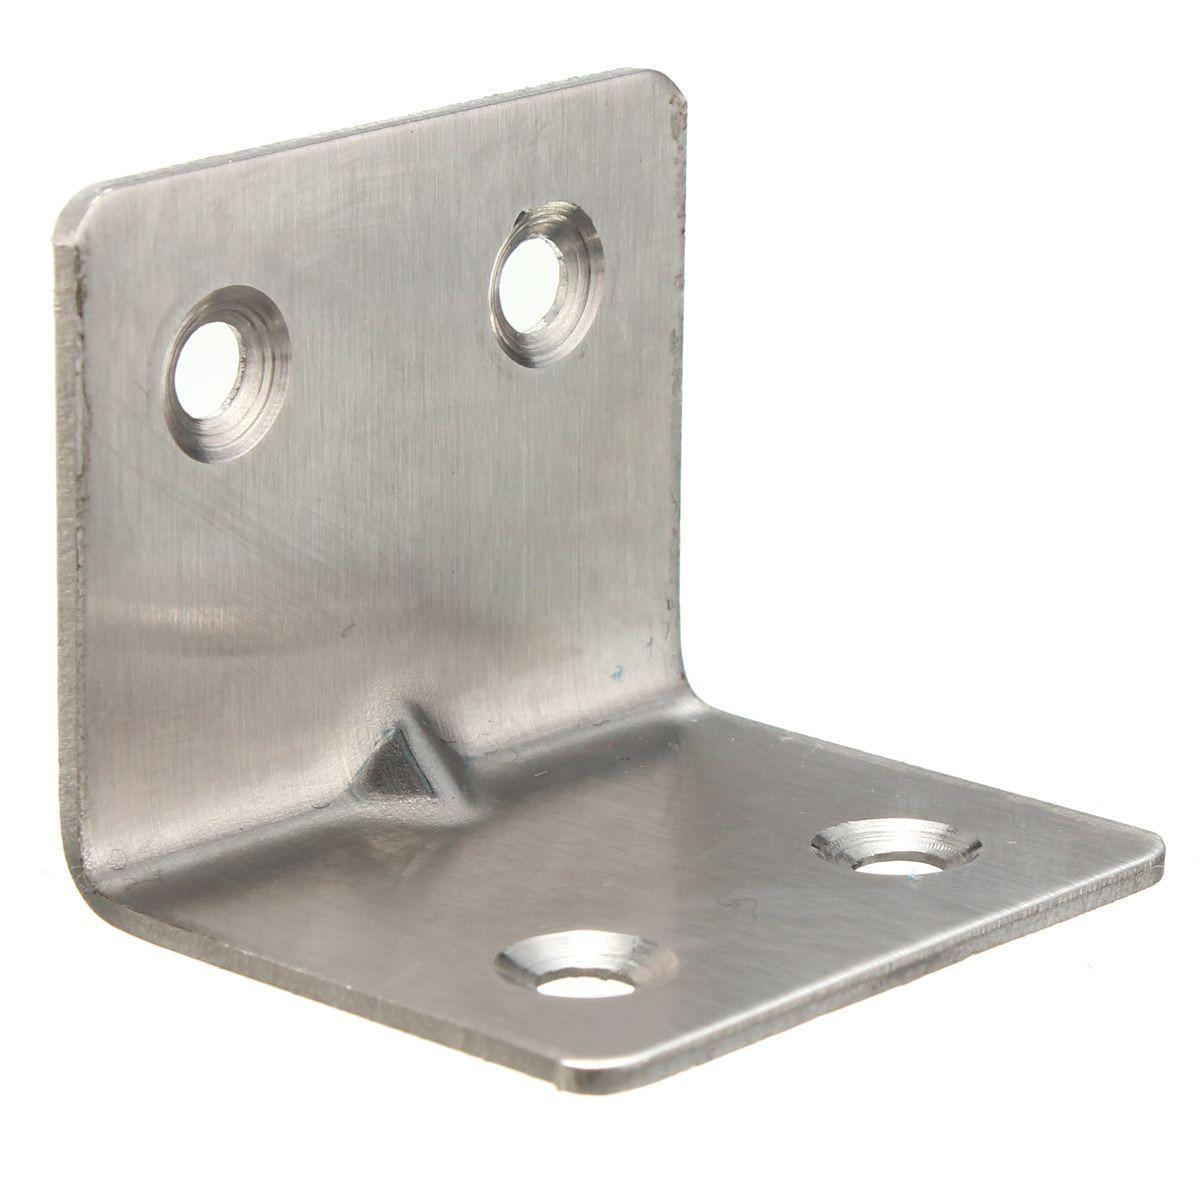 CNIM Горячая 30 мм х 30 мм Из Нержавеющей Стали Для Кухни Угловые Угловой Кронштейн пакеты: 5 Шт.